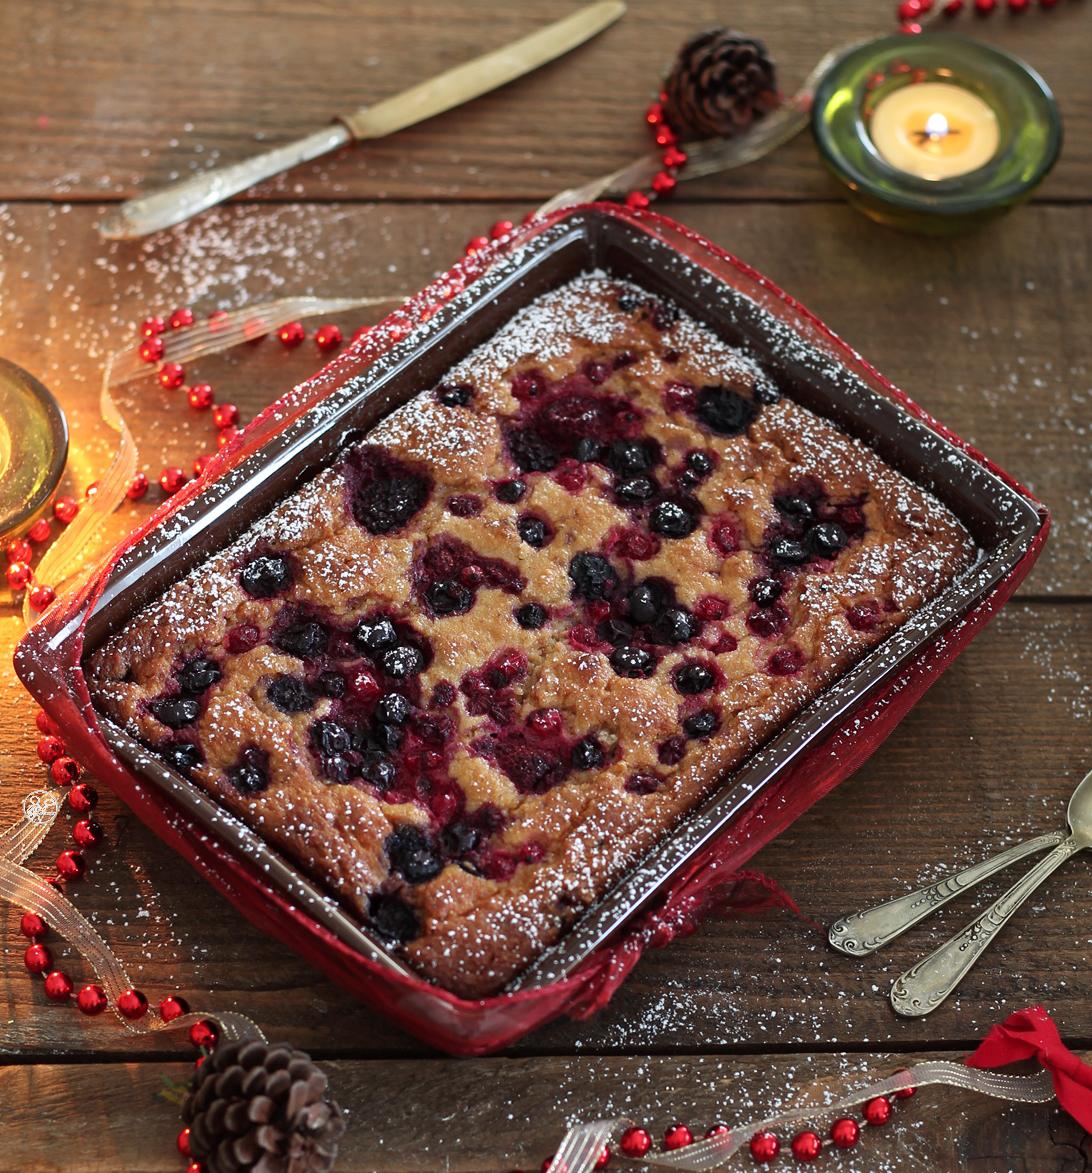 Cake au pandoro et aux fruits de bois sans gluten - La Cassata Celiaca